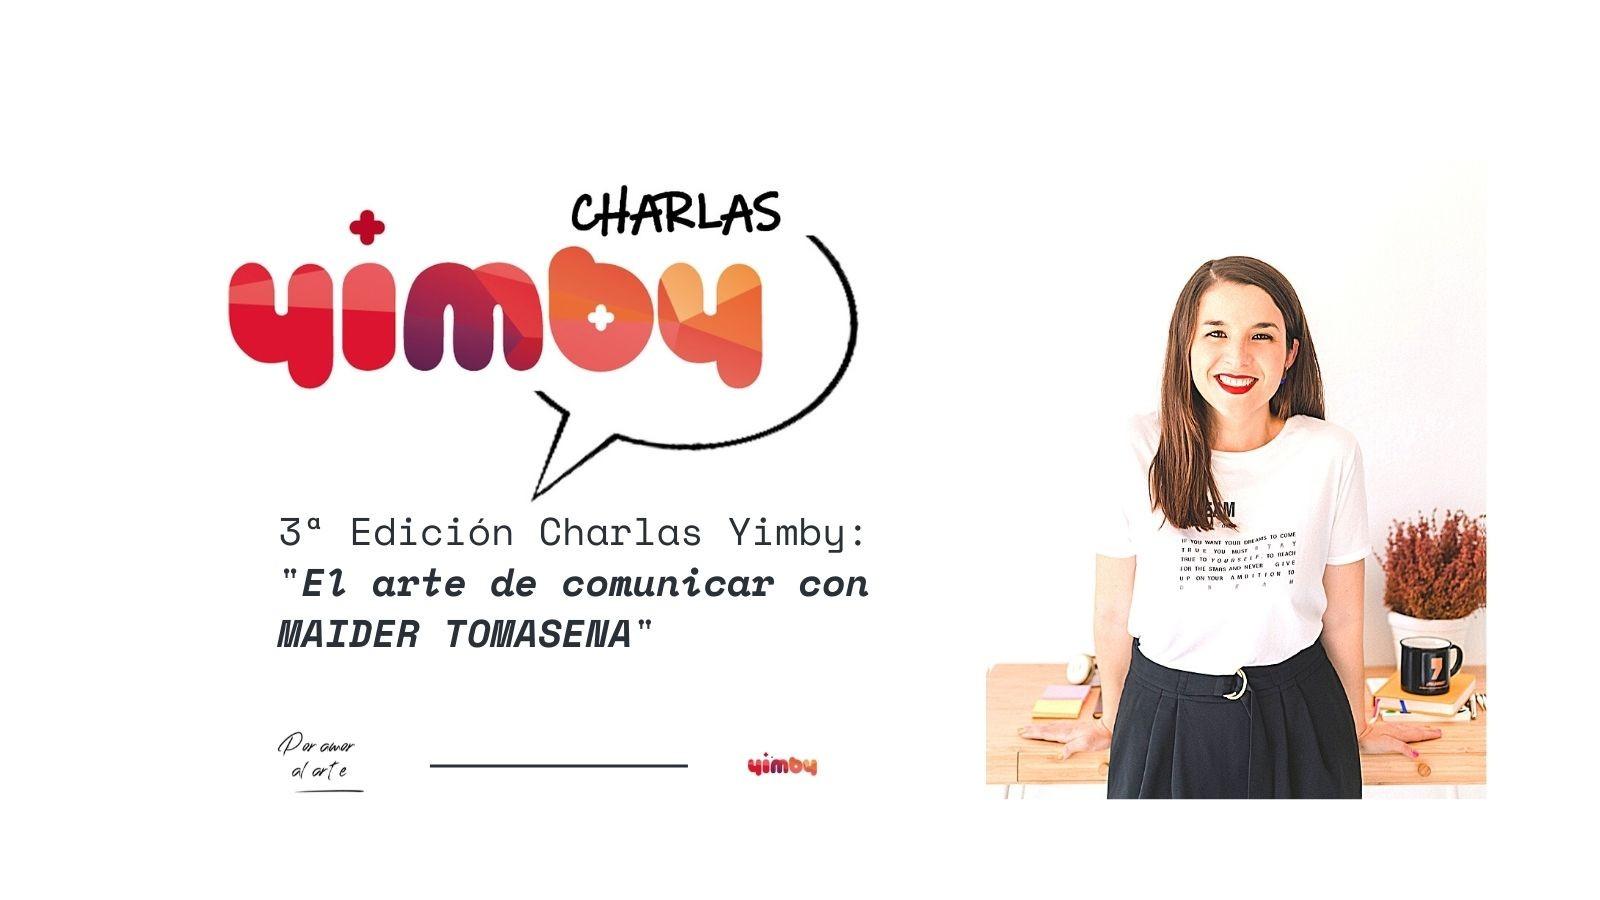 3ª Edición Charlas Yimby El Arte de Comunicar con Maider Tomasena